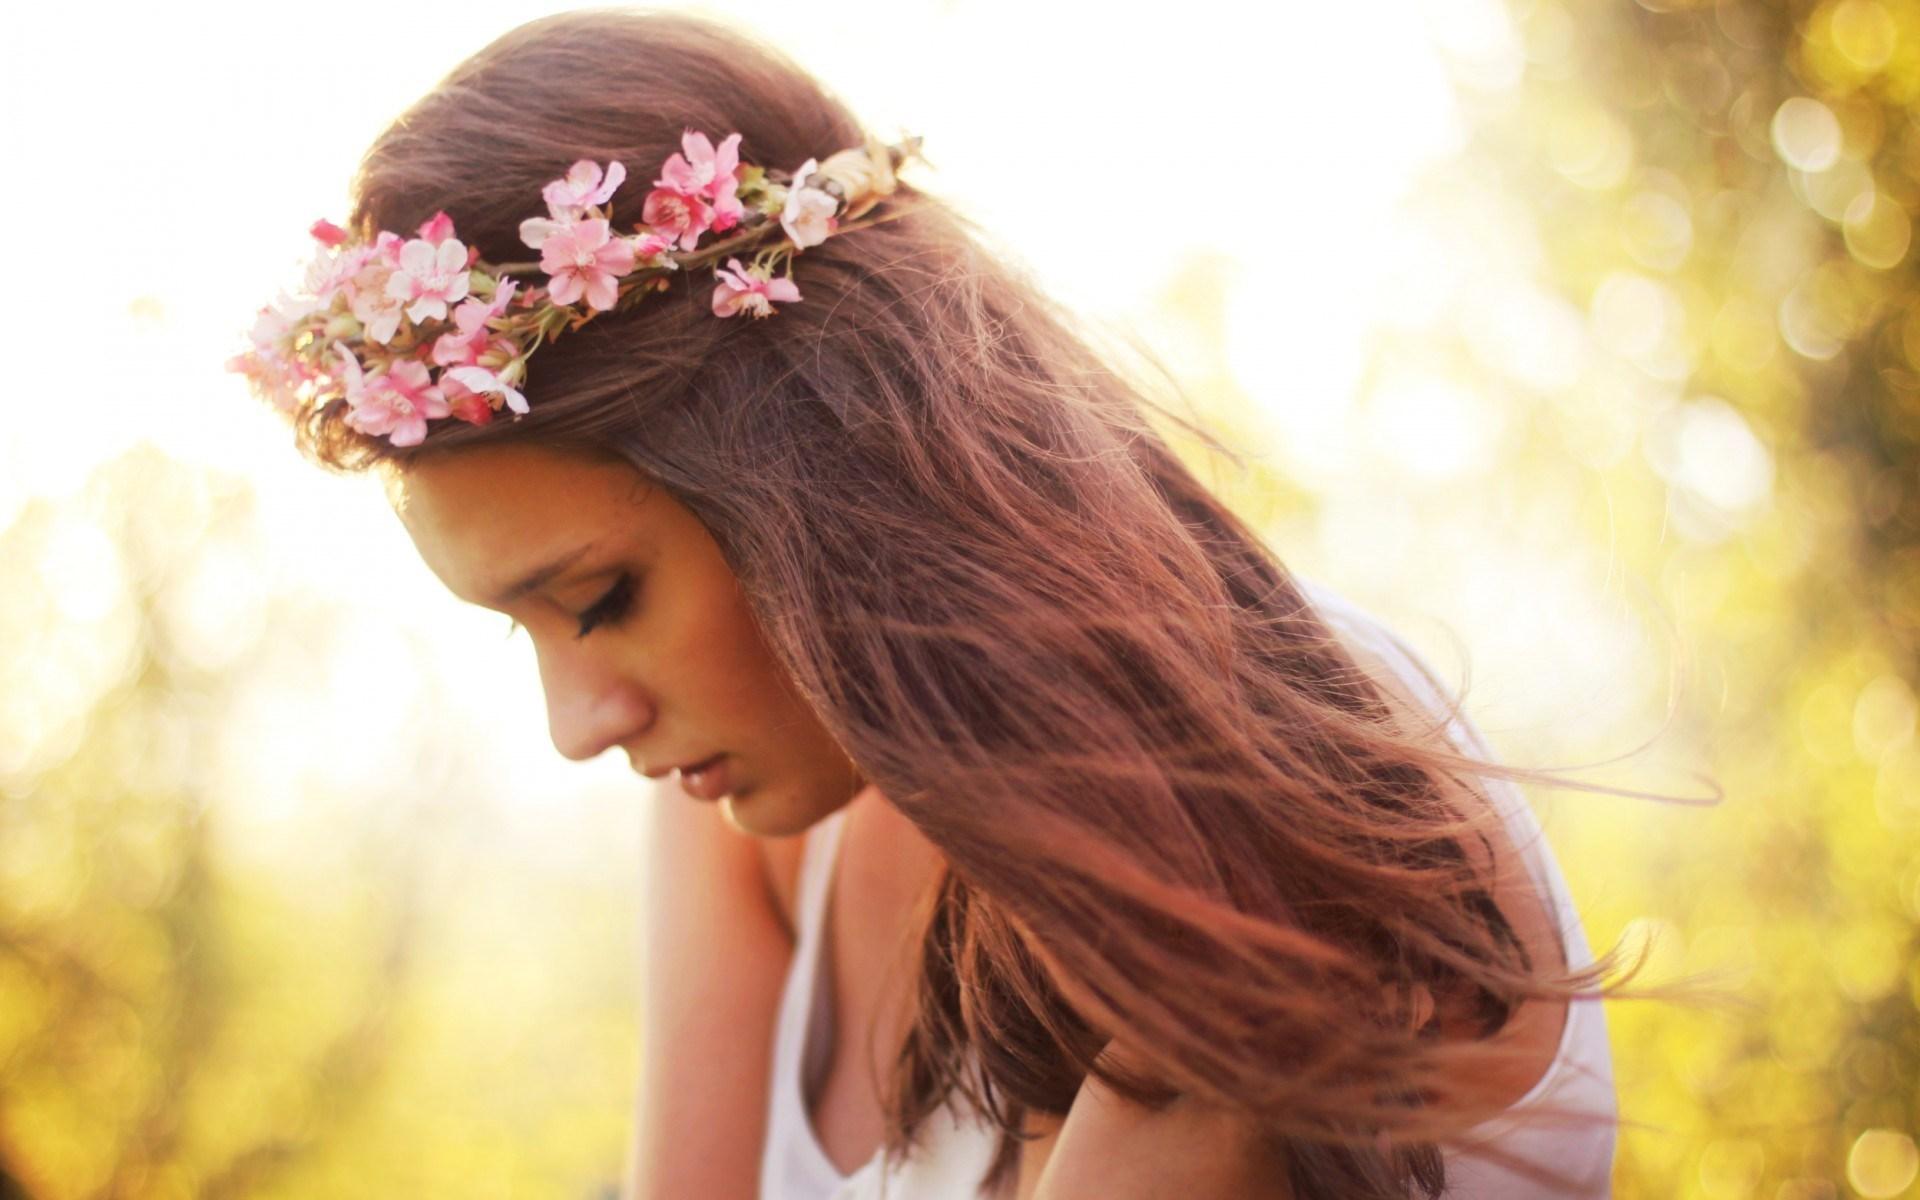 Girl Wreath Flowers Portrait